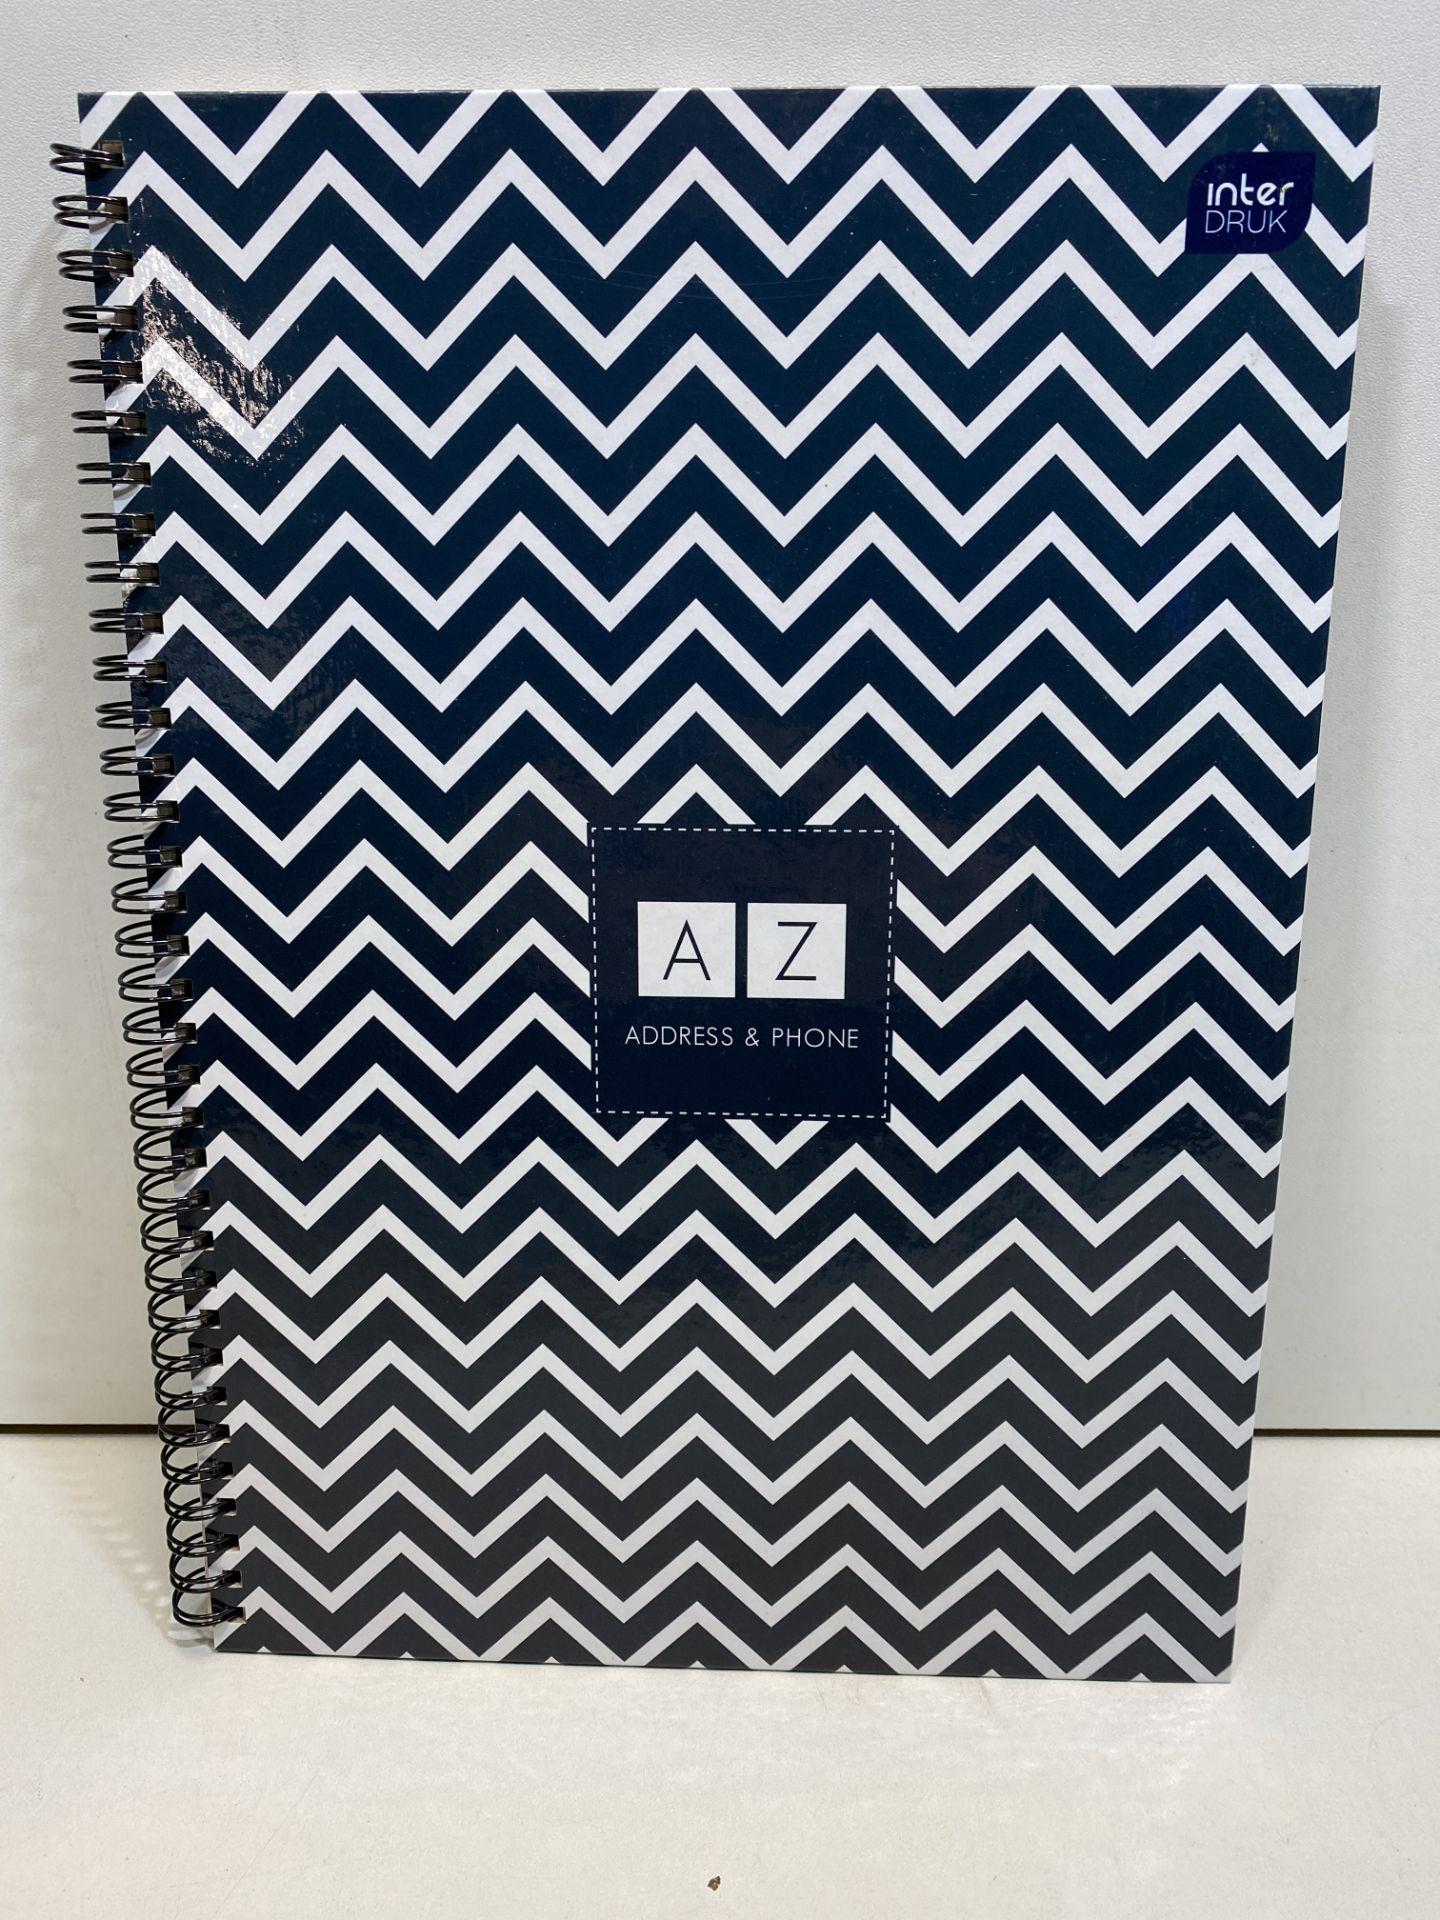 7 x Various A4 Address & Phone A-Z Notepads | 5902277171108